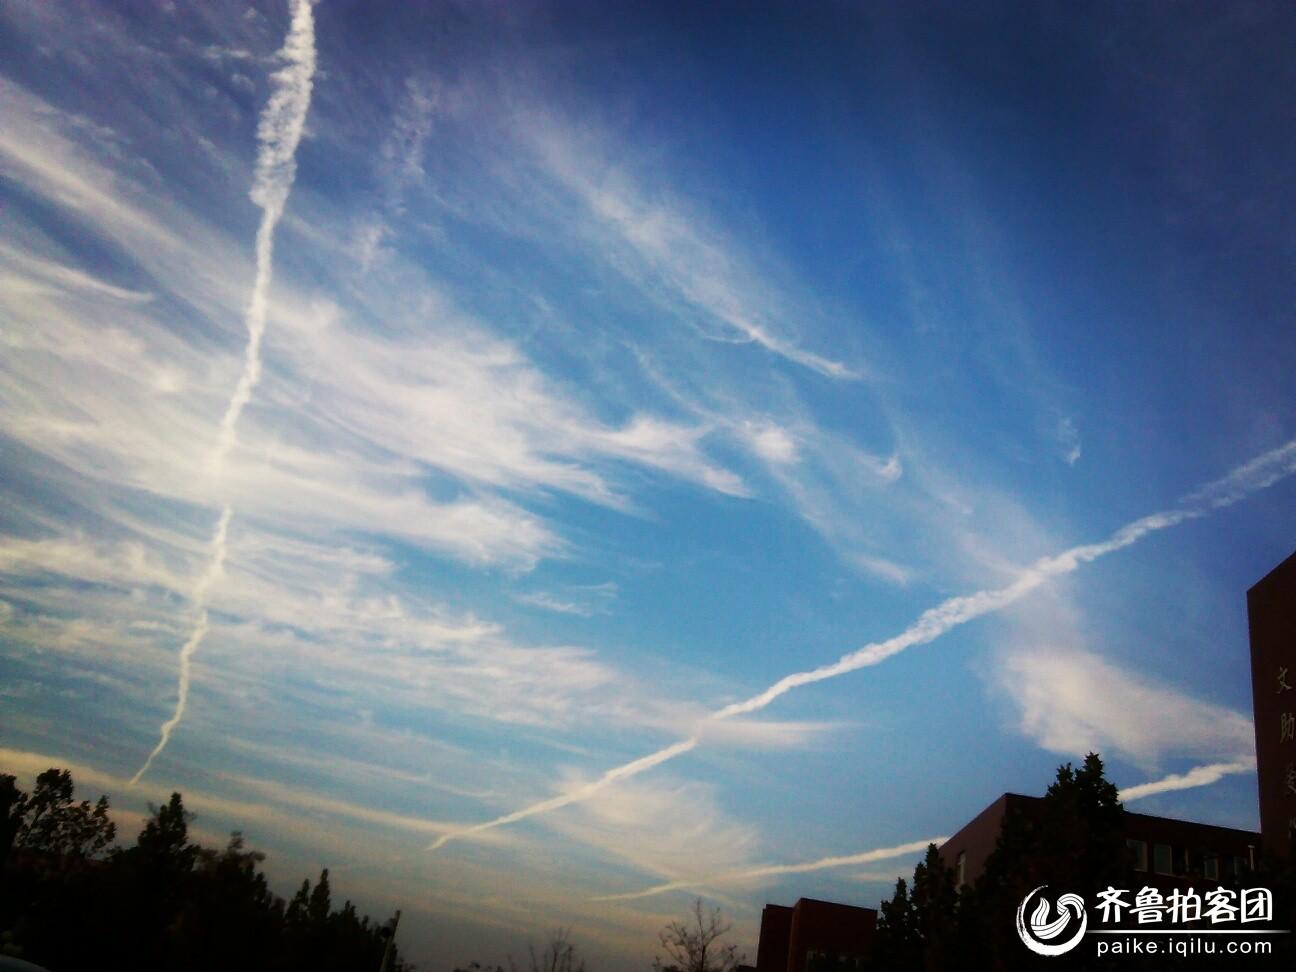 飞机在天空划过